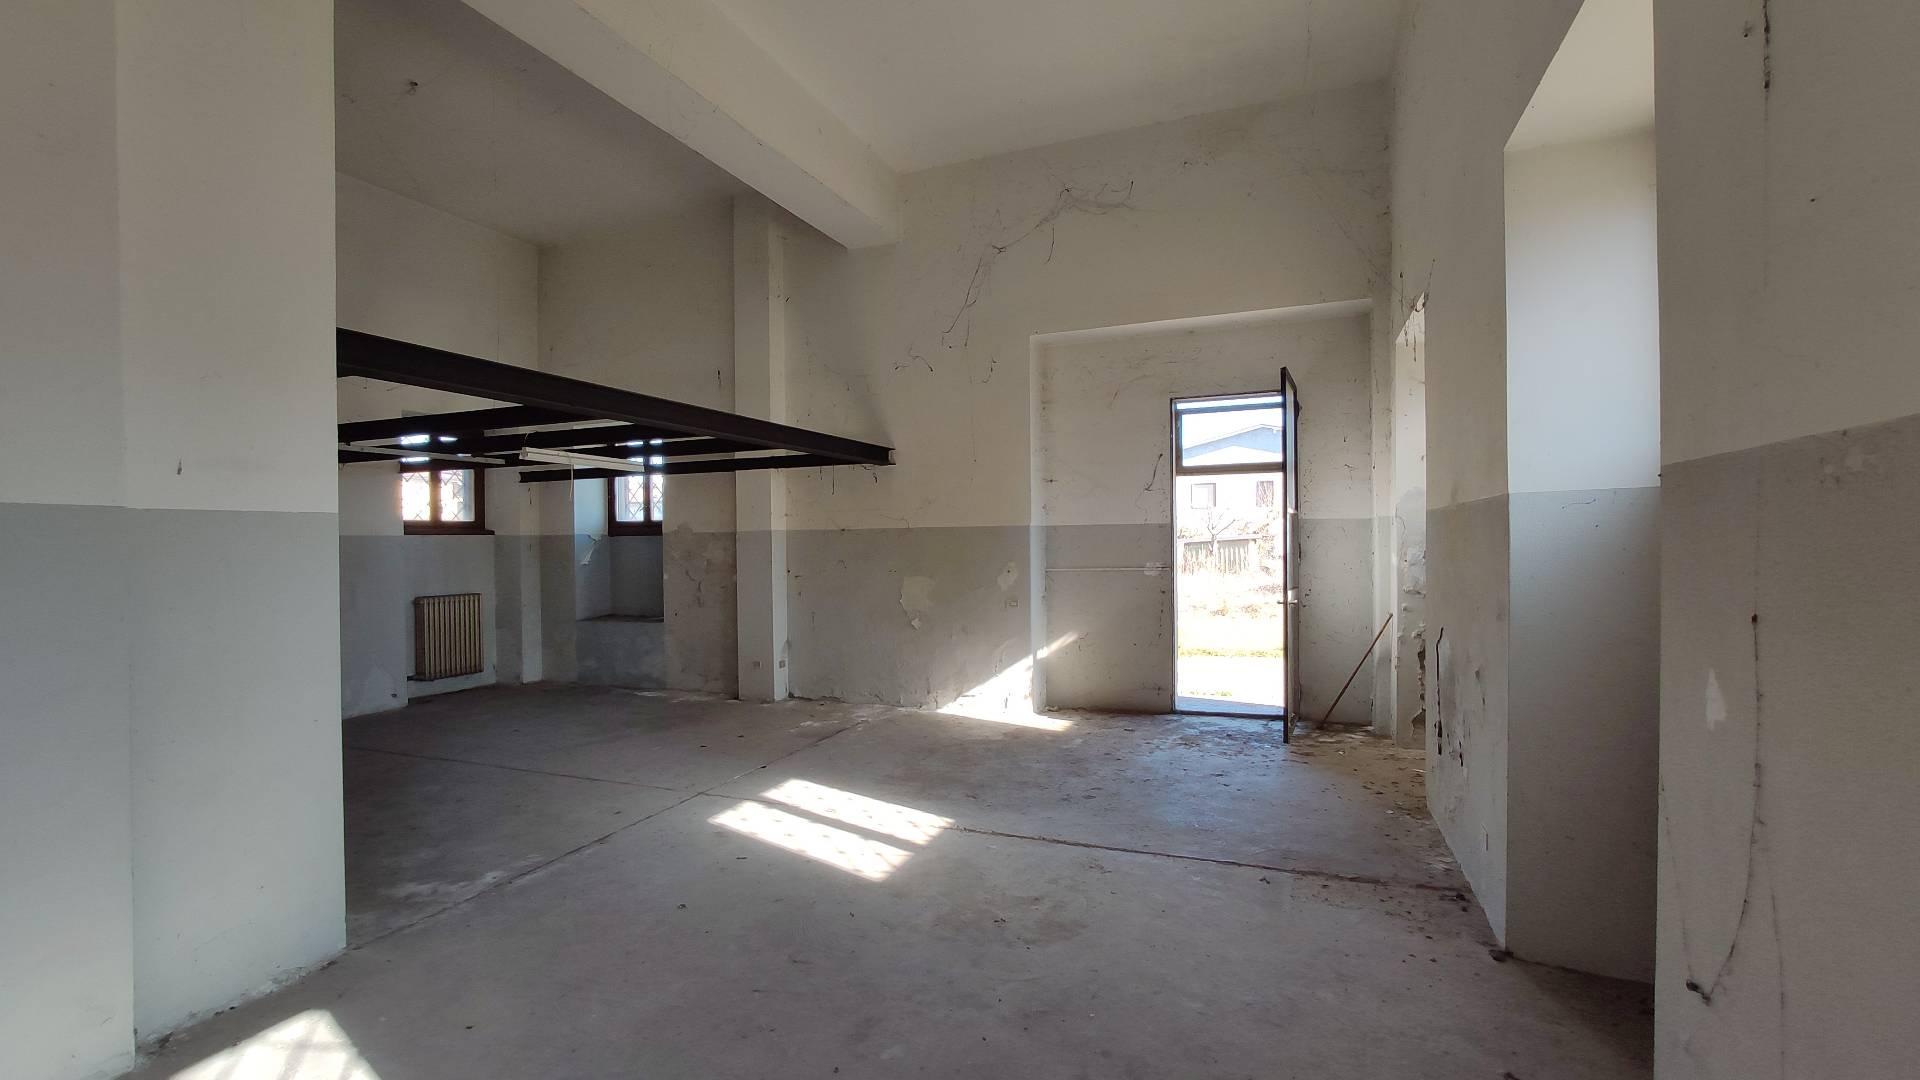 Negozio / Locale in vendita a Bottanuco, 9999 locali, prezzo € 55.000 | PortaleAgenzieImmobiliari.it